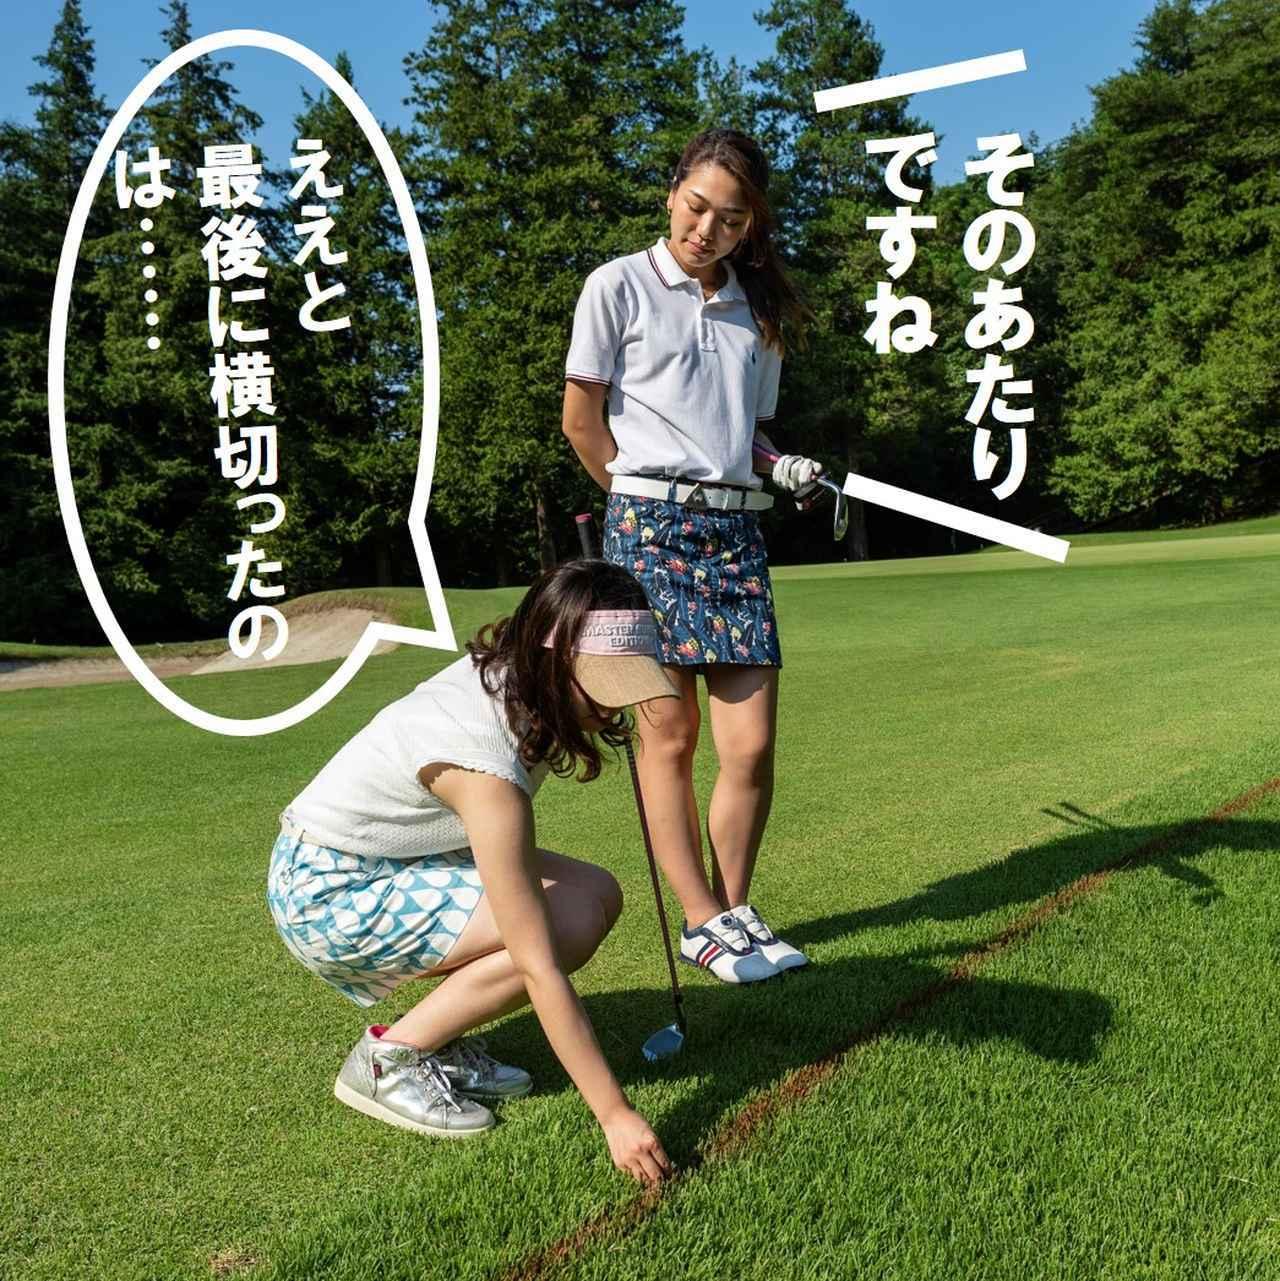 画像3: 【ルール】池を越えたのに、球が戻ってポチャ。どこにドロップして打ち直せばいい?